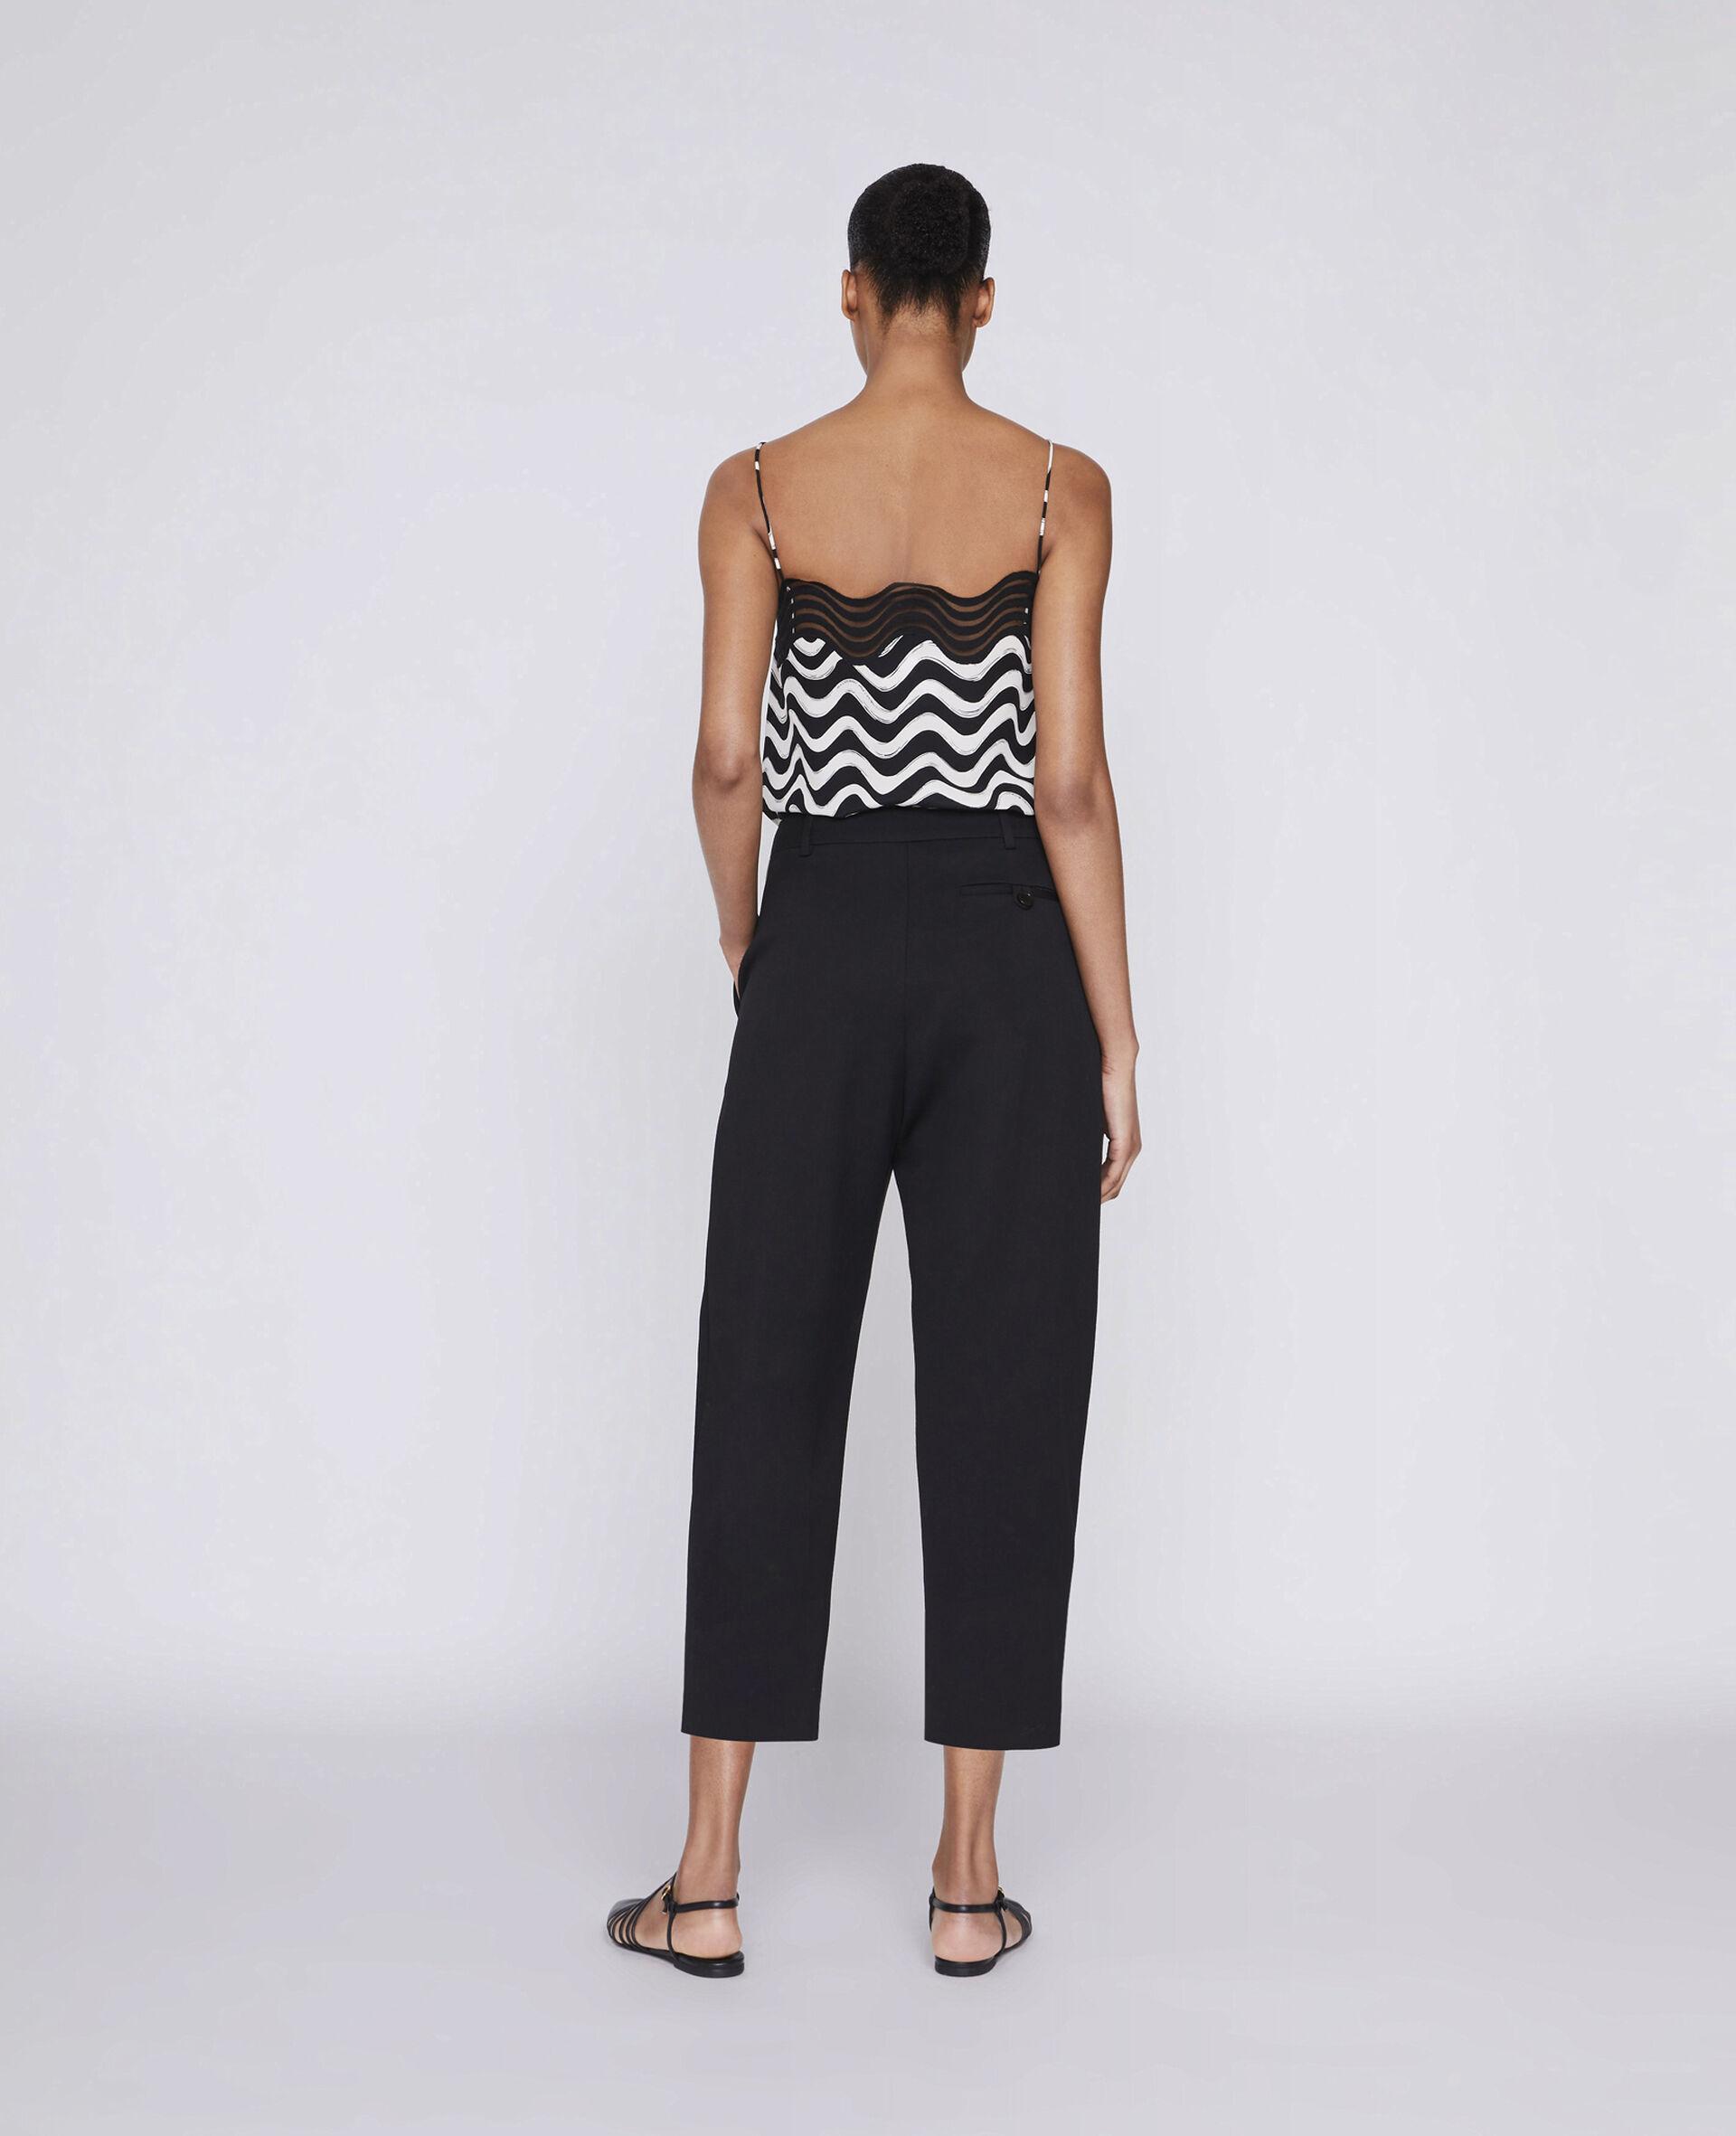 Pantalon ajusté Dawson-Noir-large image number 2